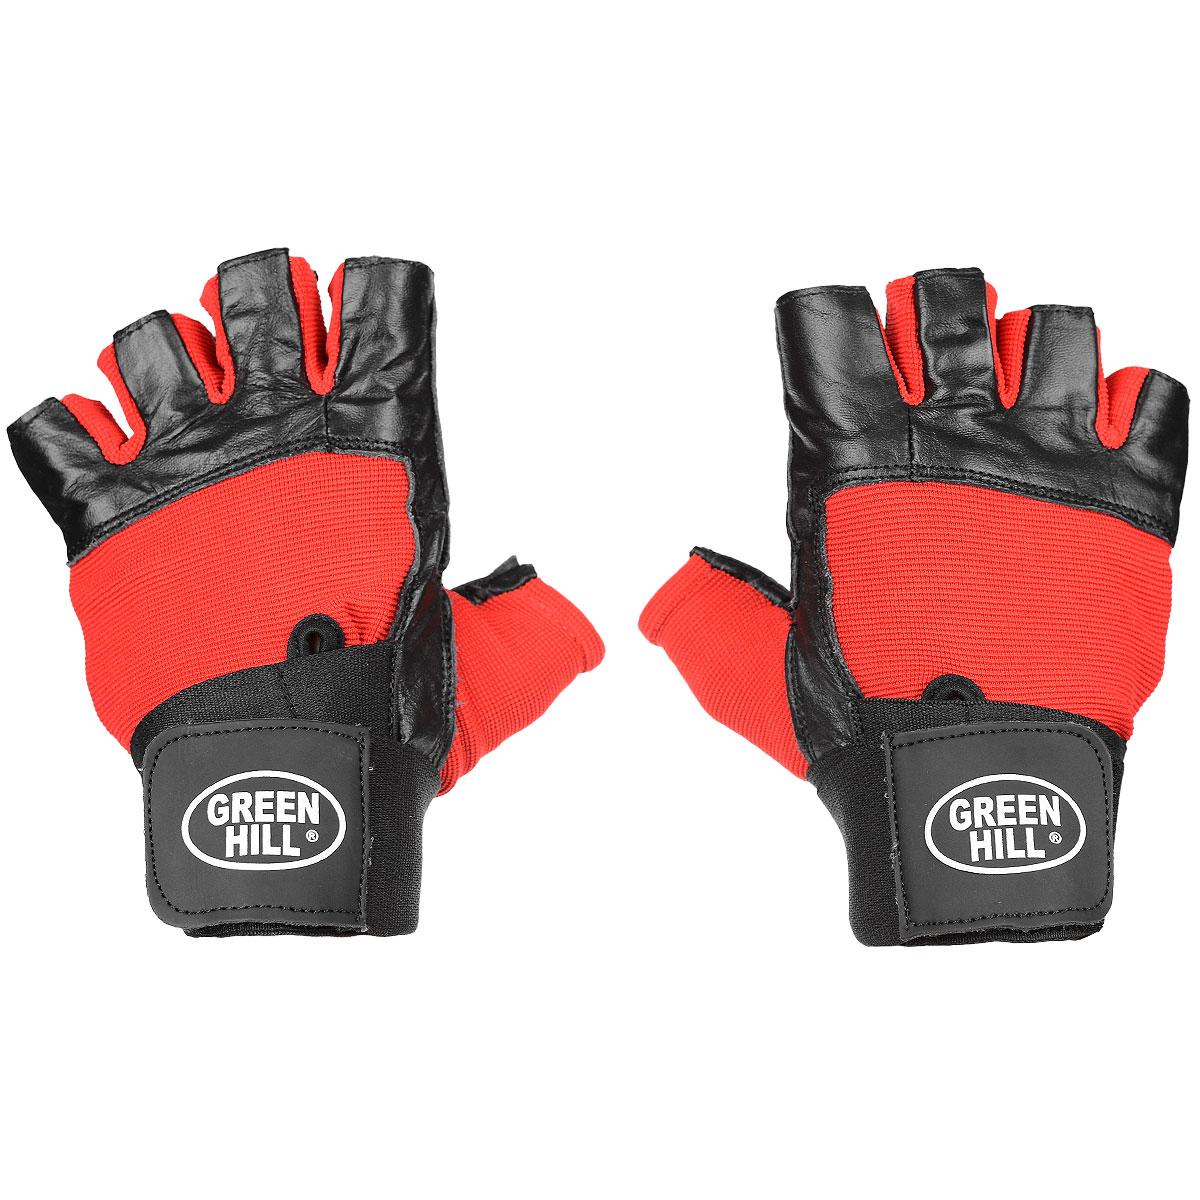 Перчатки тяжелоатлетические Green Hill, цвет: черный, красный. Размер M перчатки для рукопашного боя green hill цвет черный размер xl pg 2045